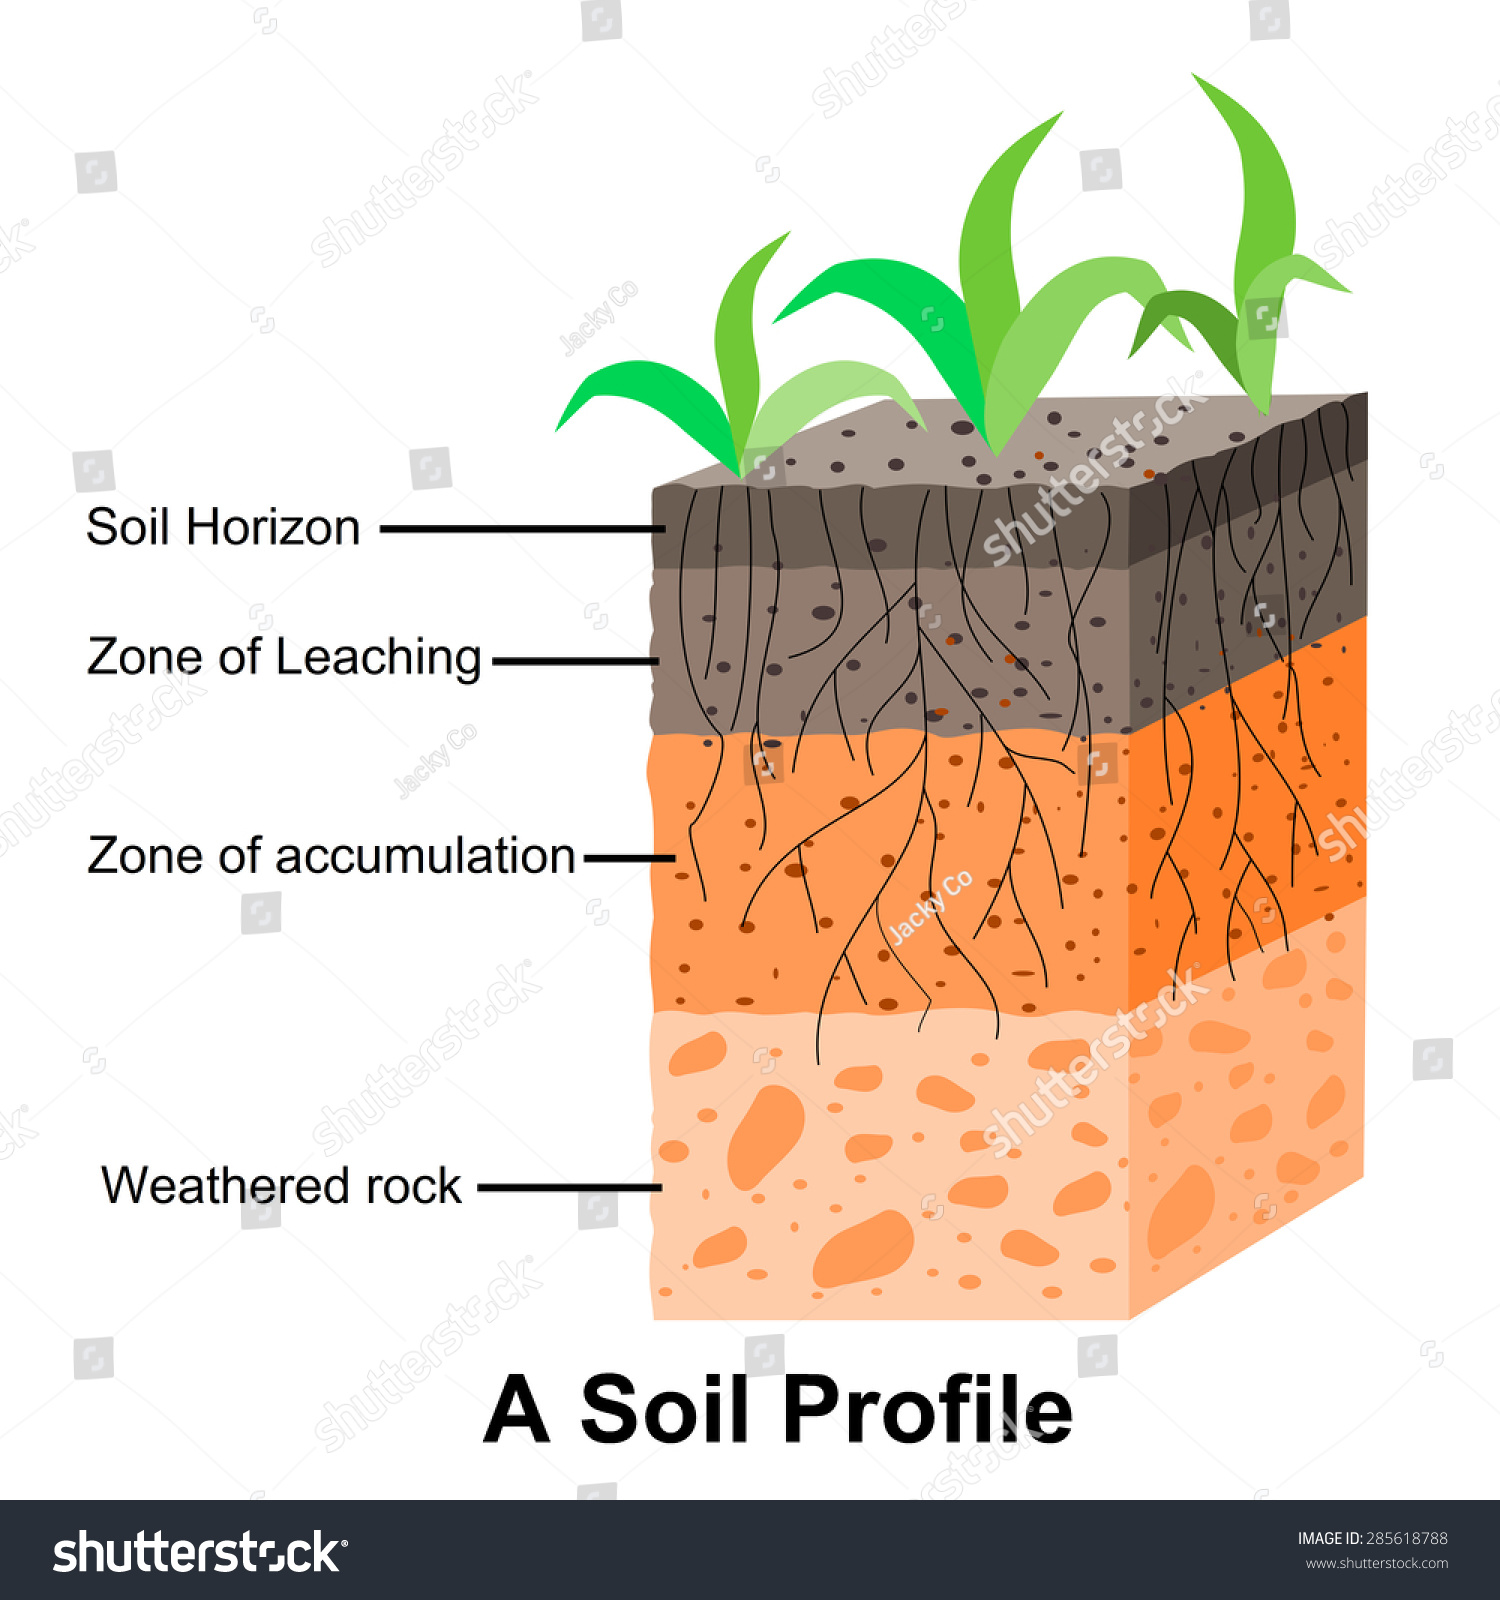 Worksheet Soil Horizons Worksheet Grass Fedjp Worksheet